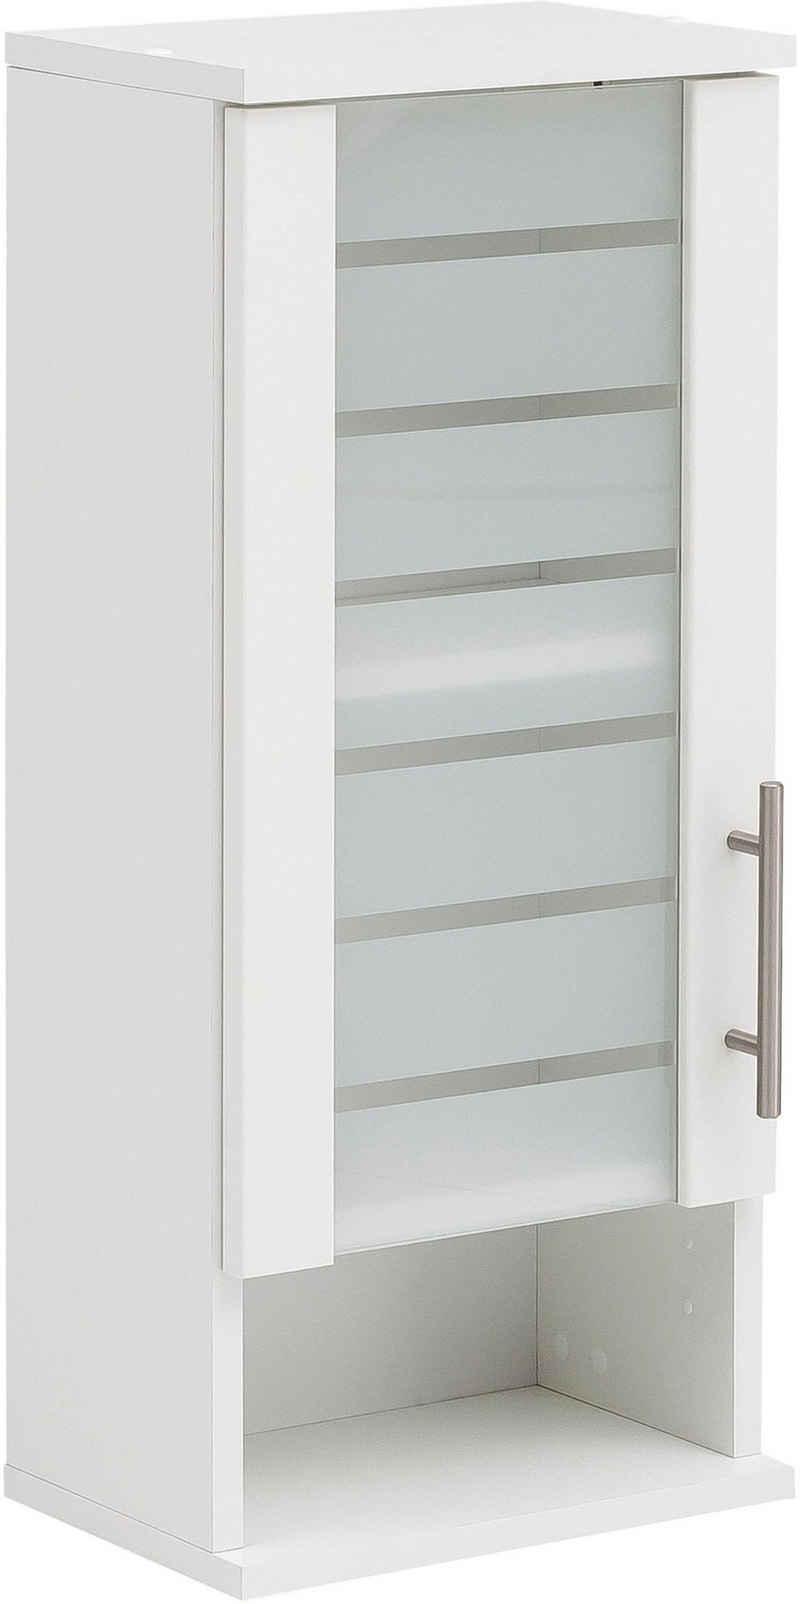 Schildmeyer Hängeschrank »Nikosia« Breite 30 cm, mit Glastür, hochwertige MDF-Fronten, Metallgriff